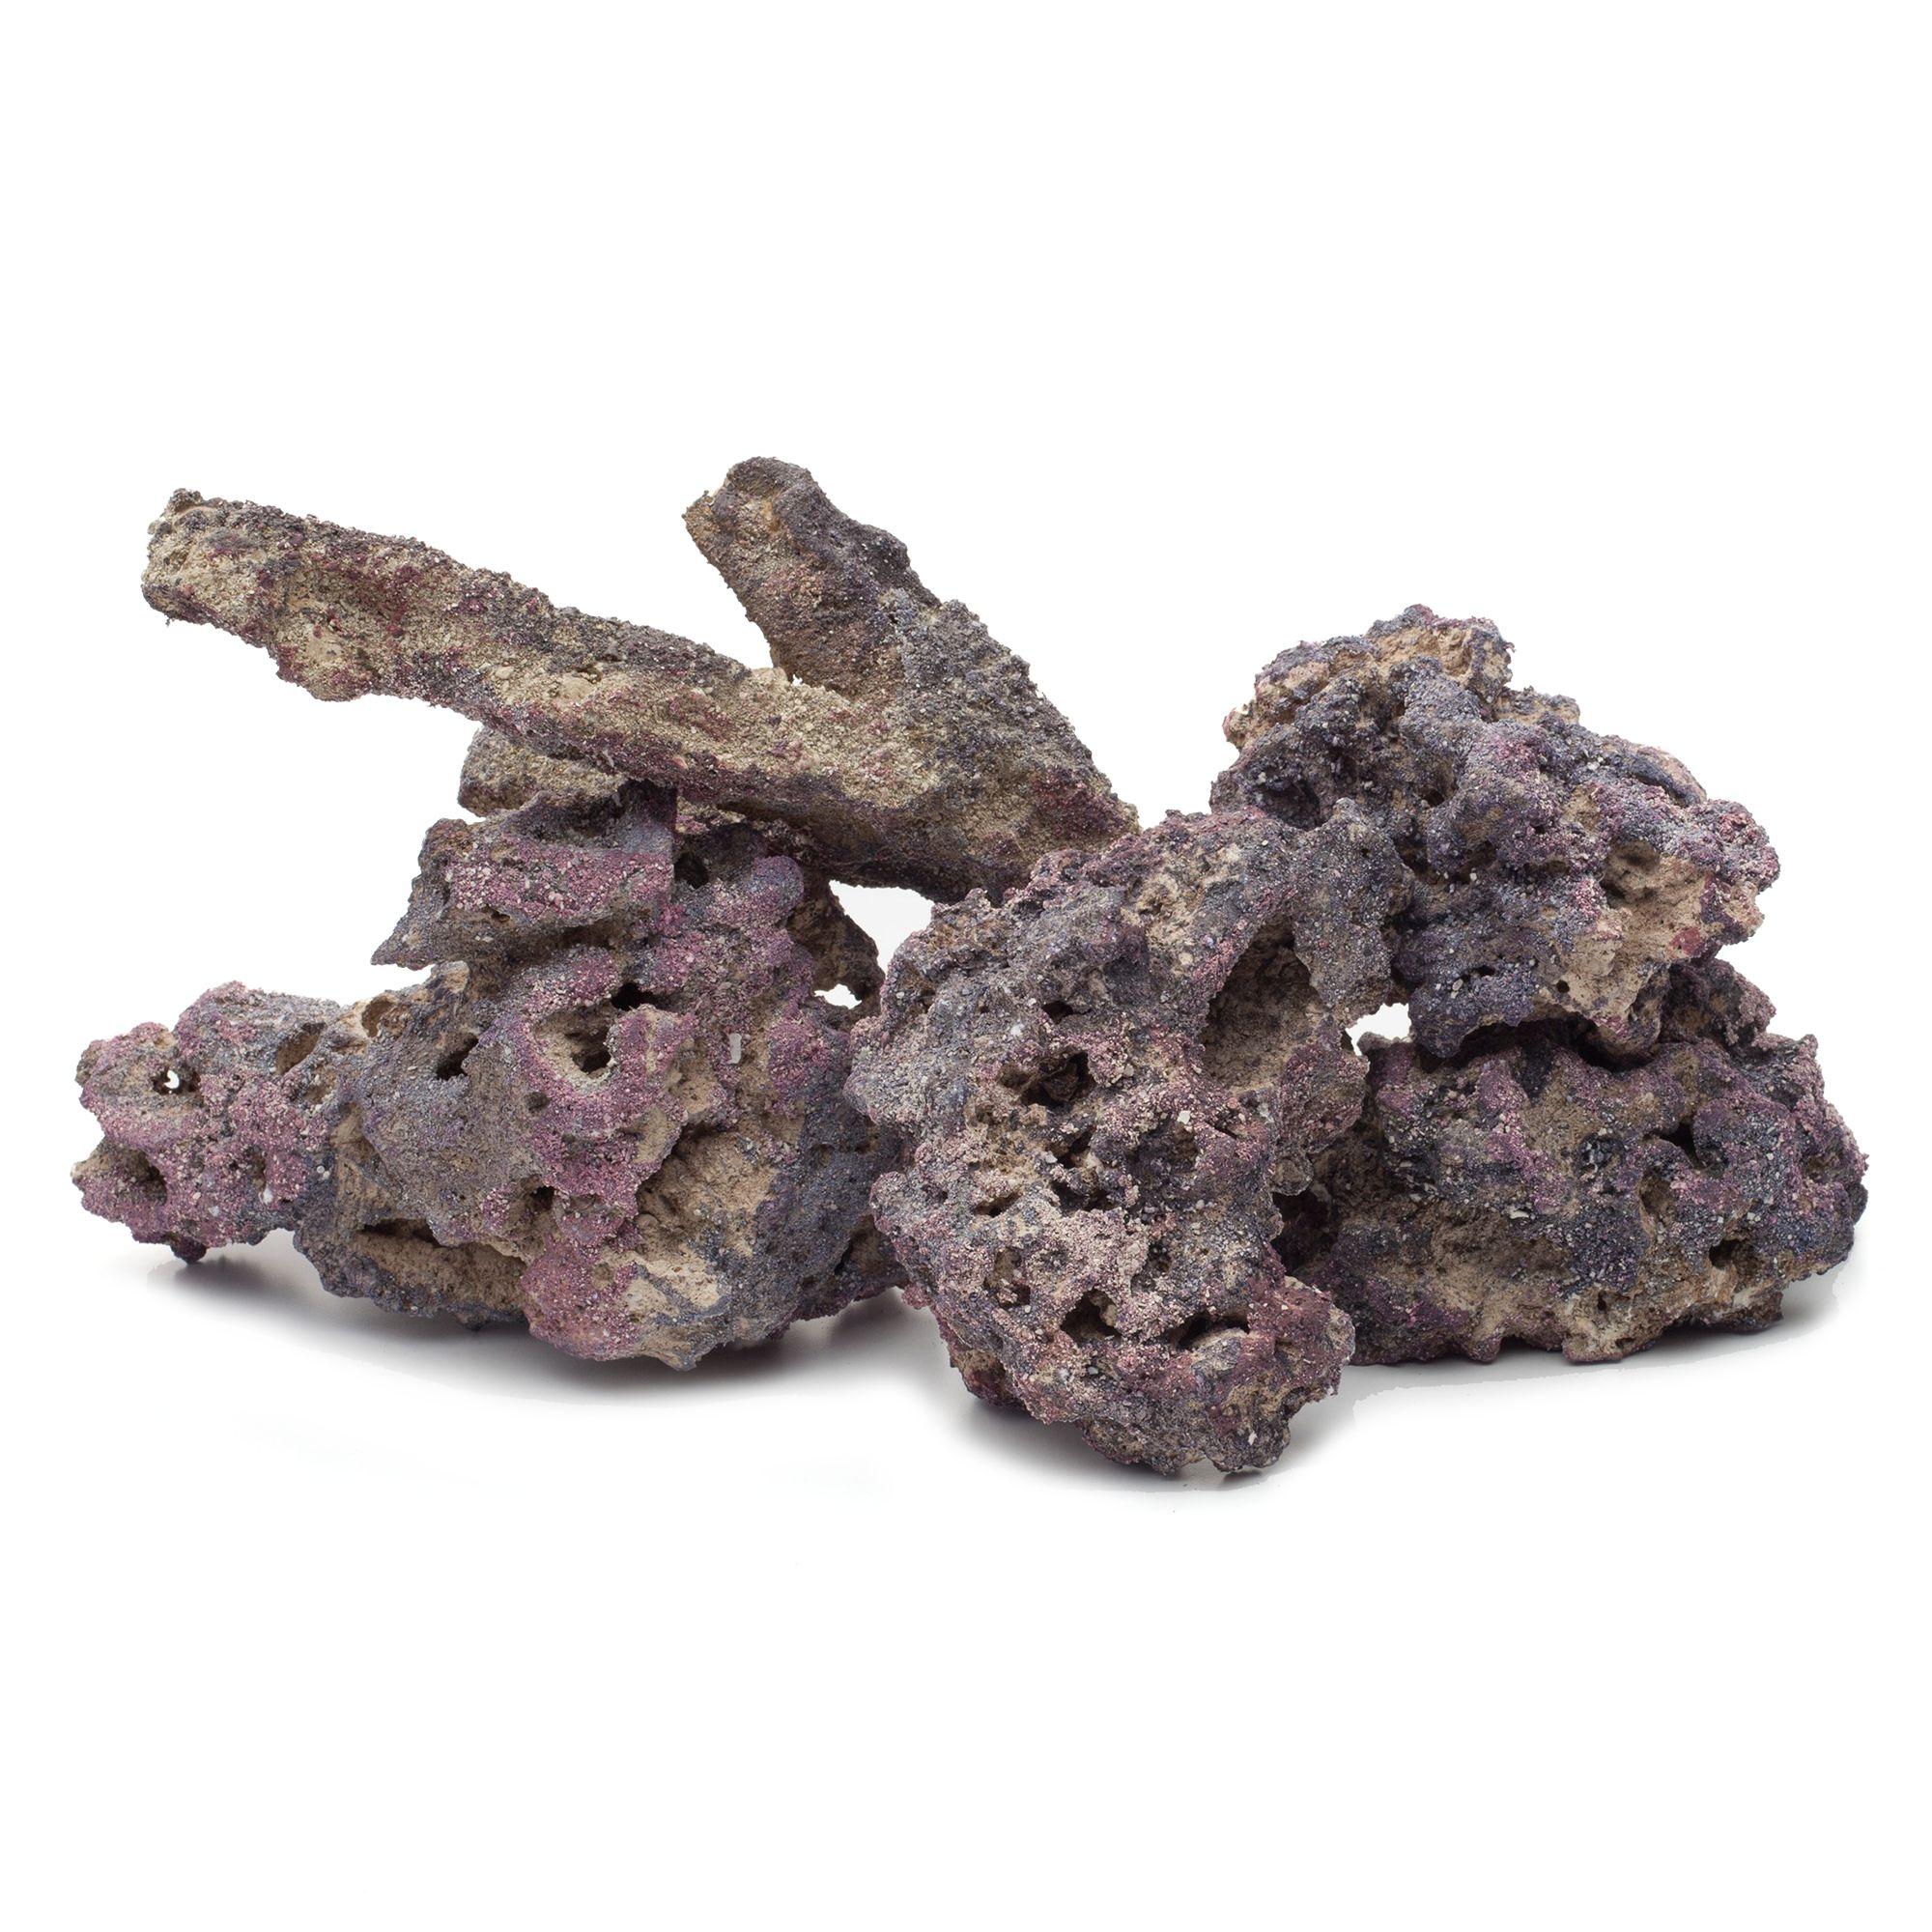 Caribsea Liferock Aquarium Rock Size 20 Lb